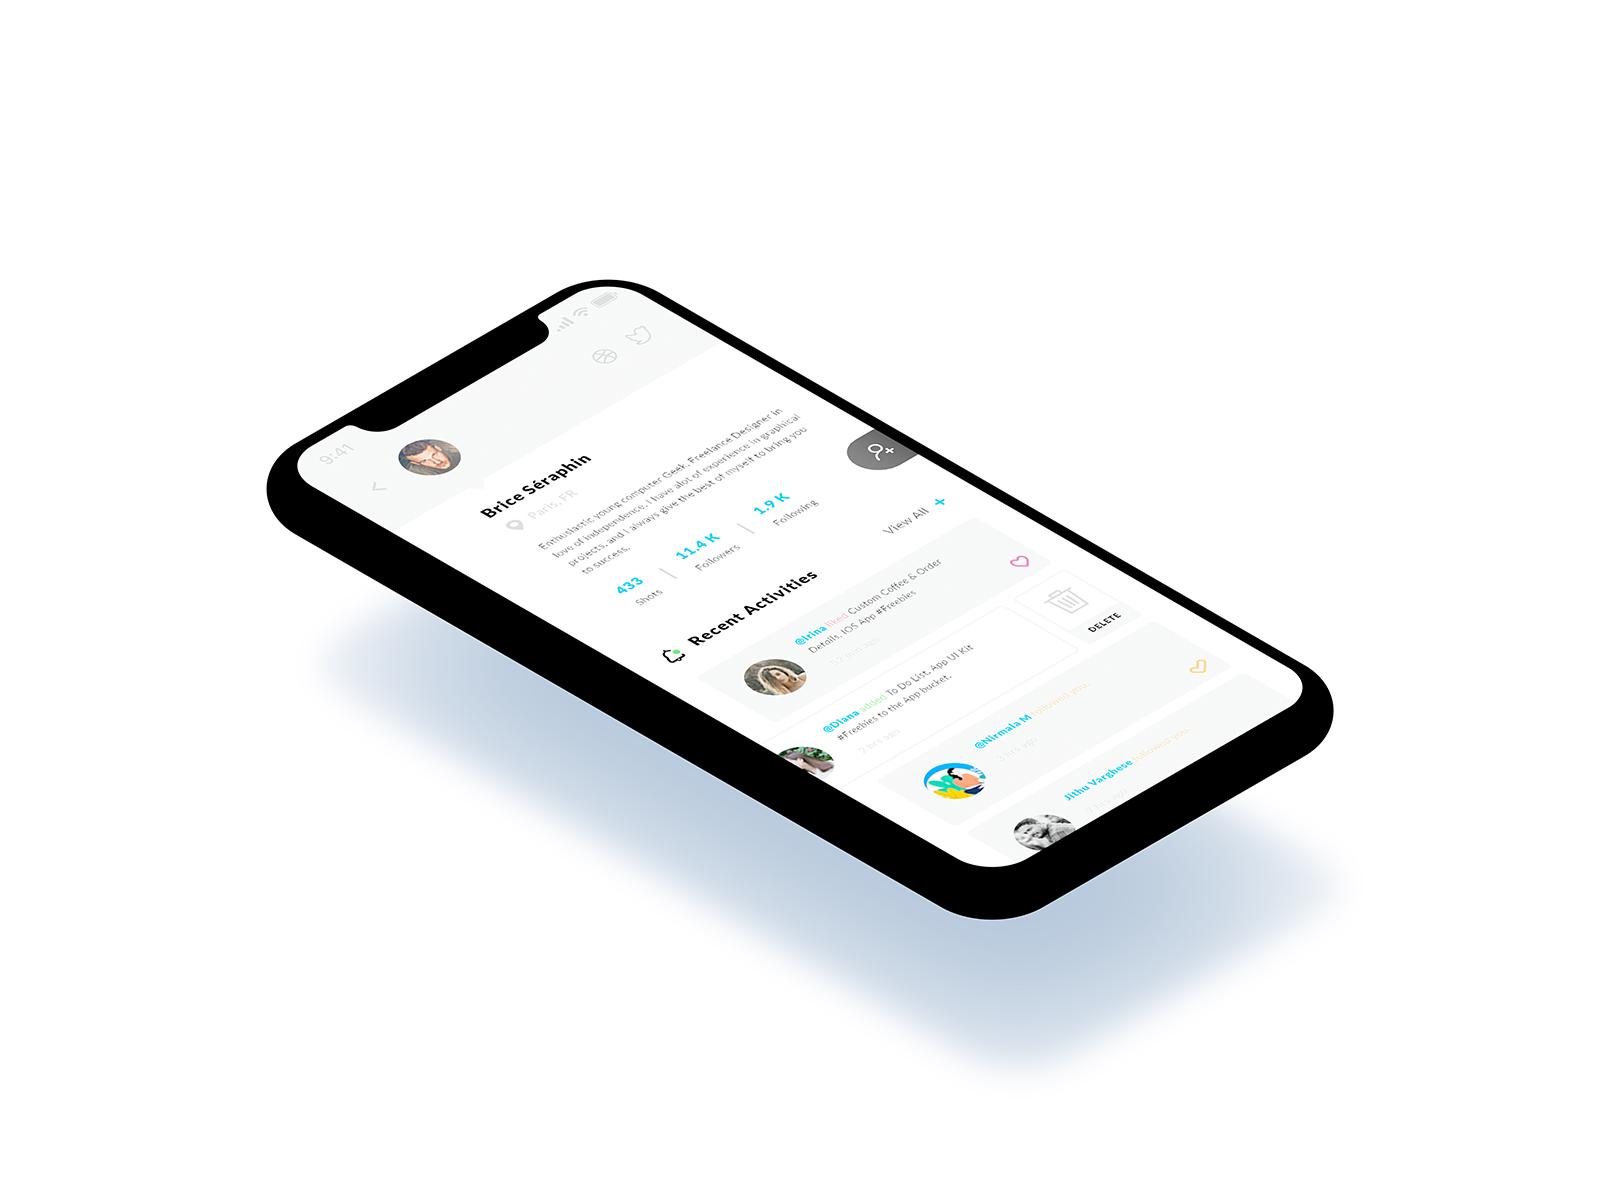 Recent Activities iOS App